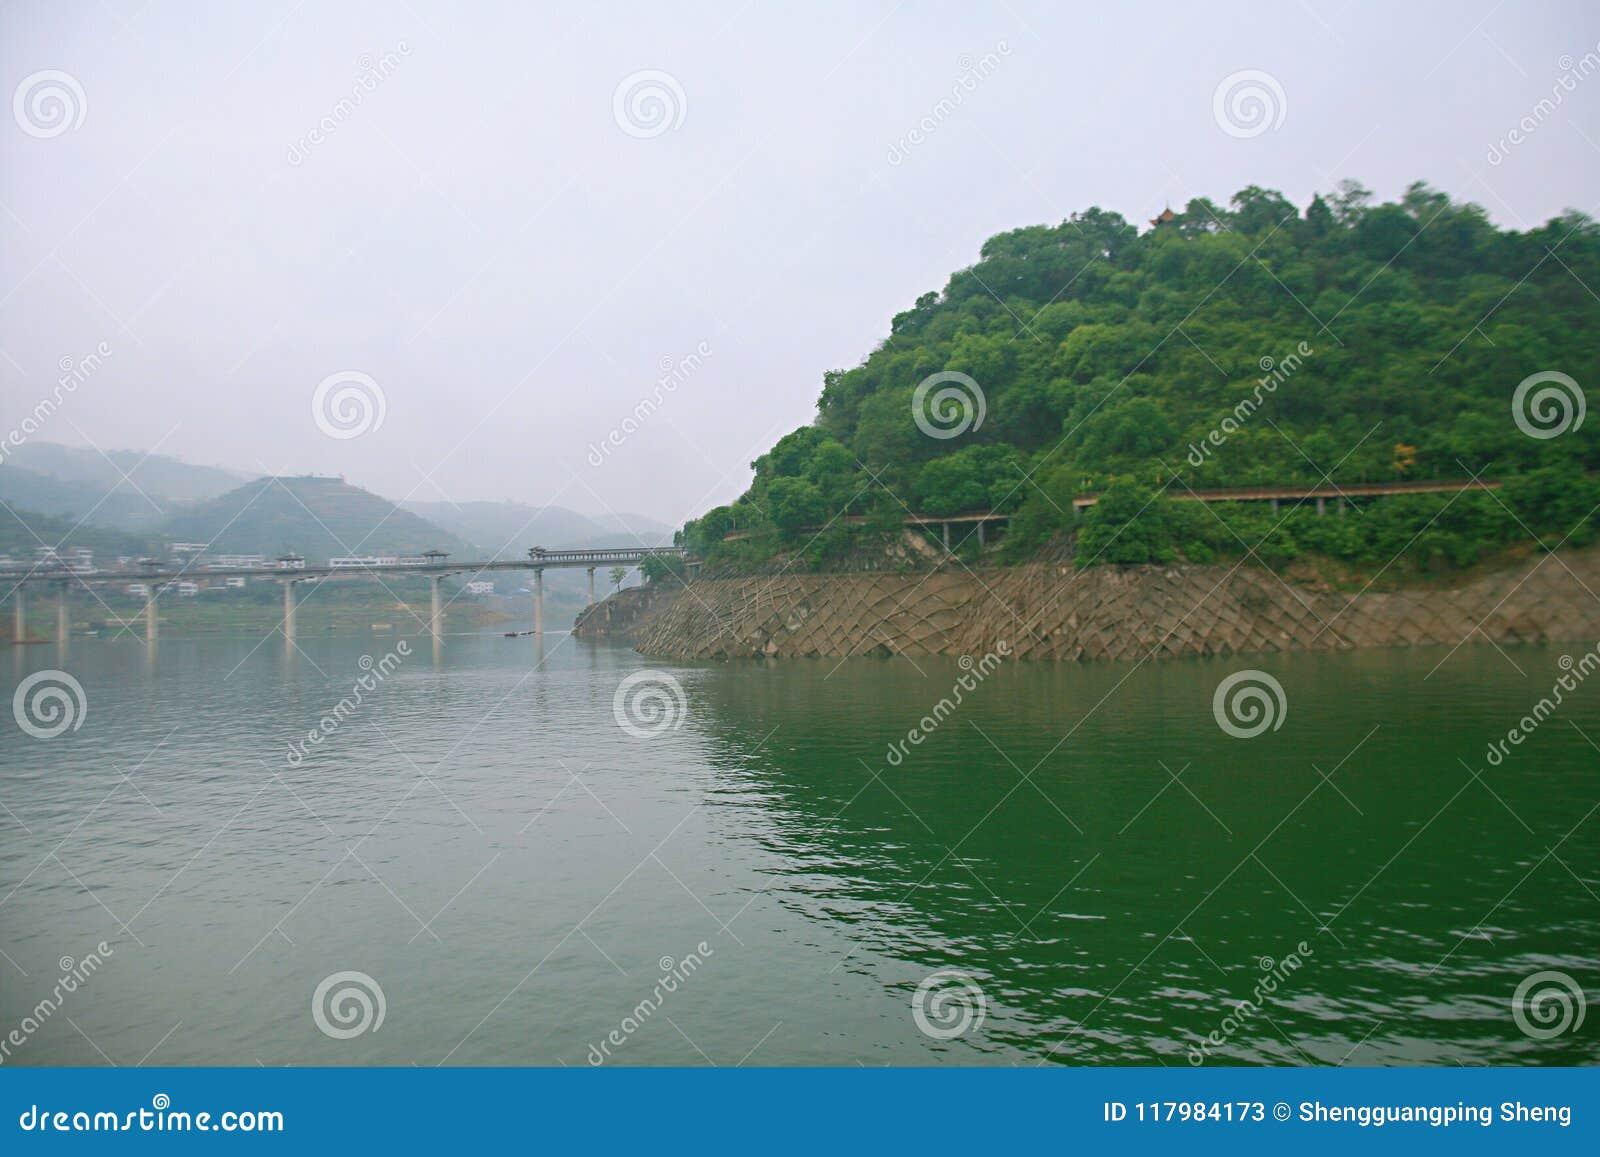 De Drie Kloven van de Yangtze-Rivier